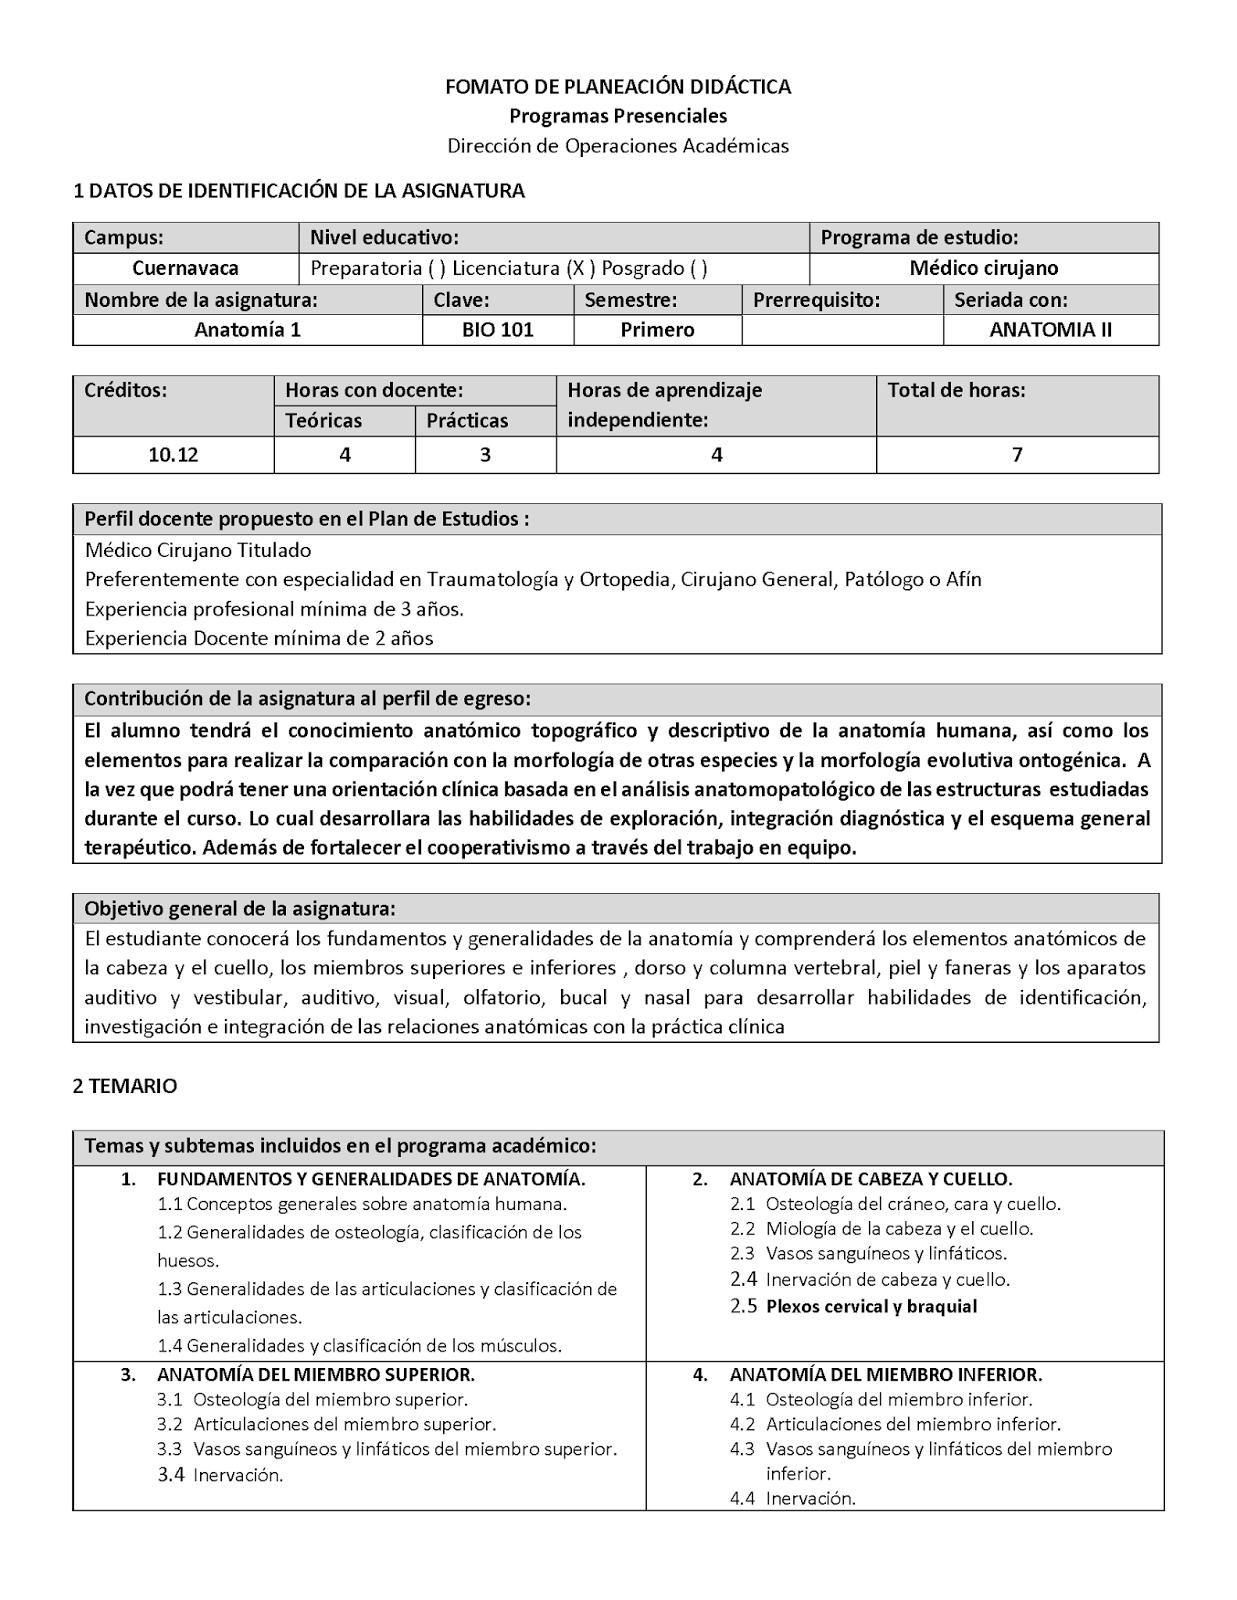 PLANEACIÓN DIDÁCTICA 2018-2 ANATOMIA I | CURSO ANATOMÍA ULA